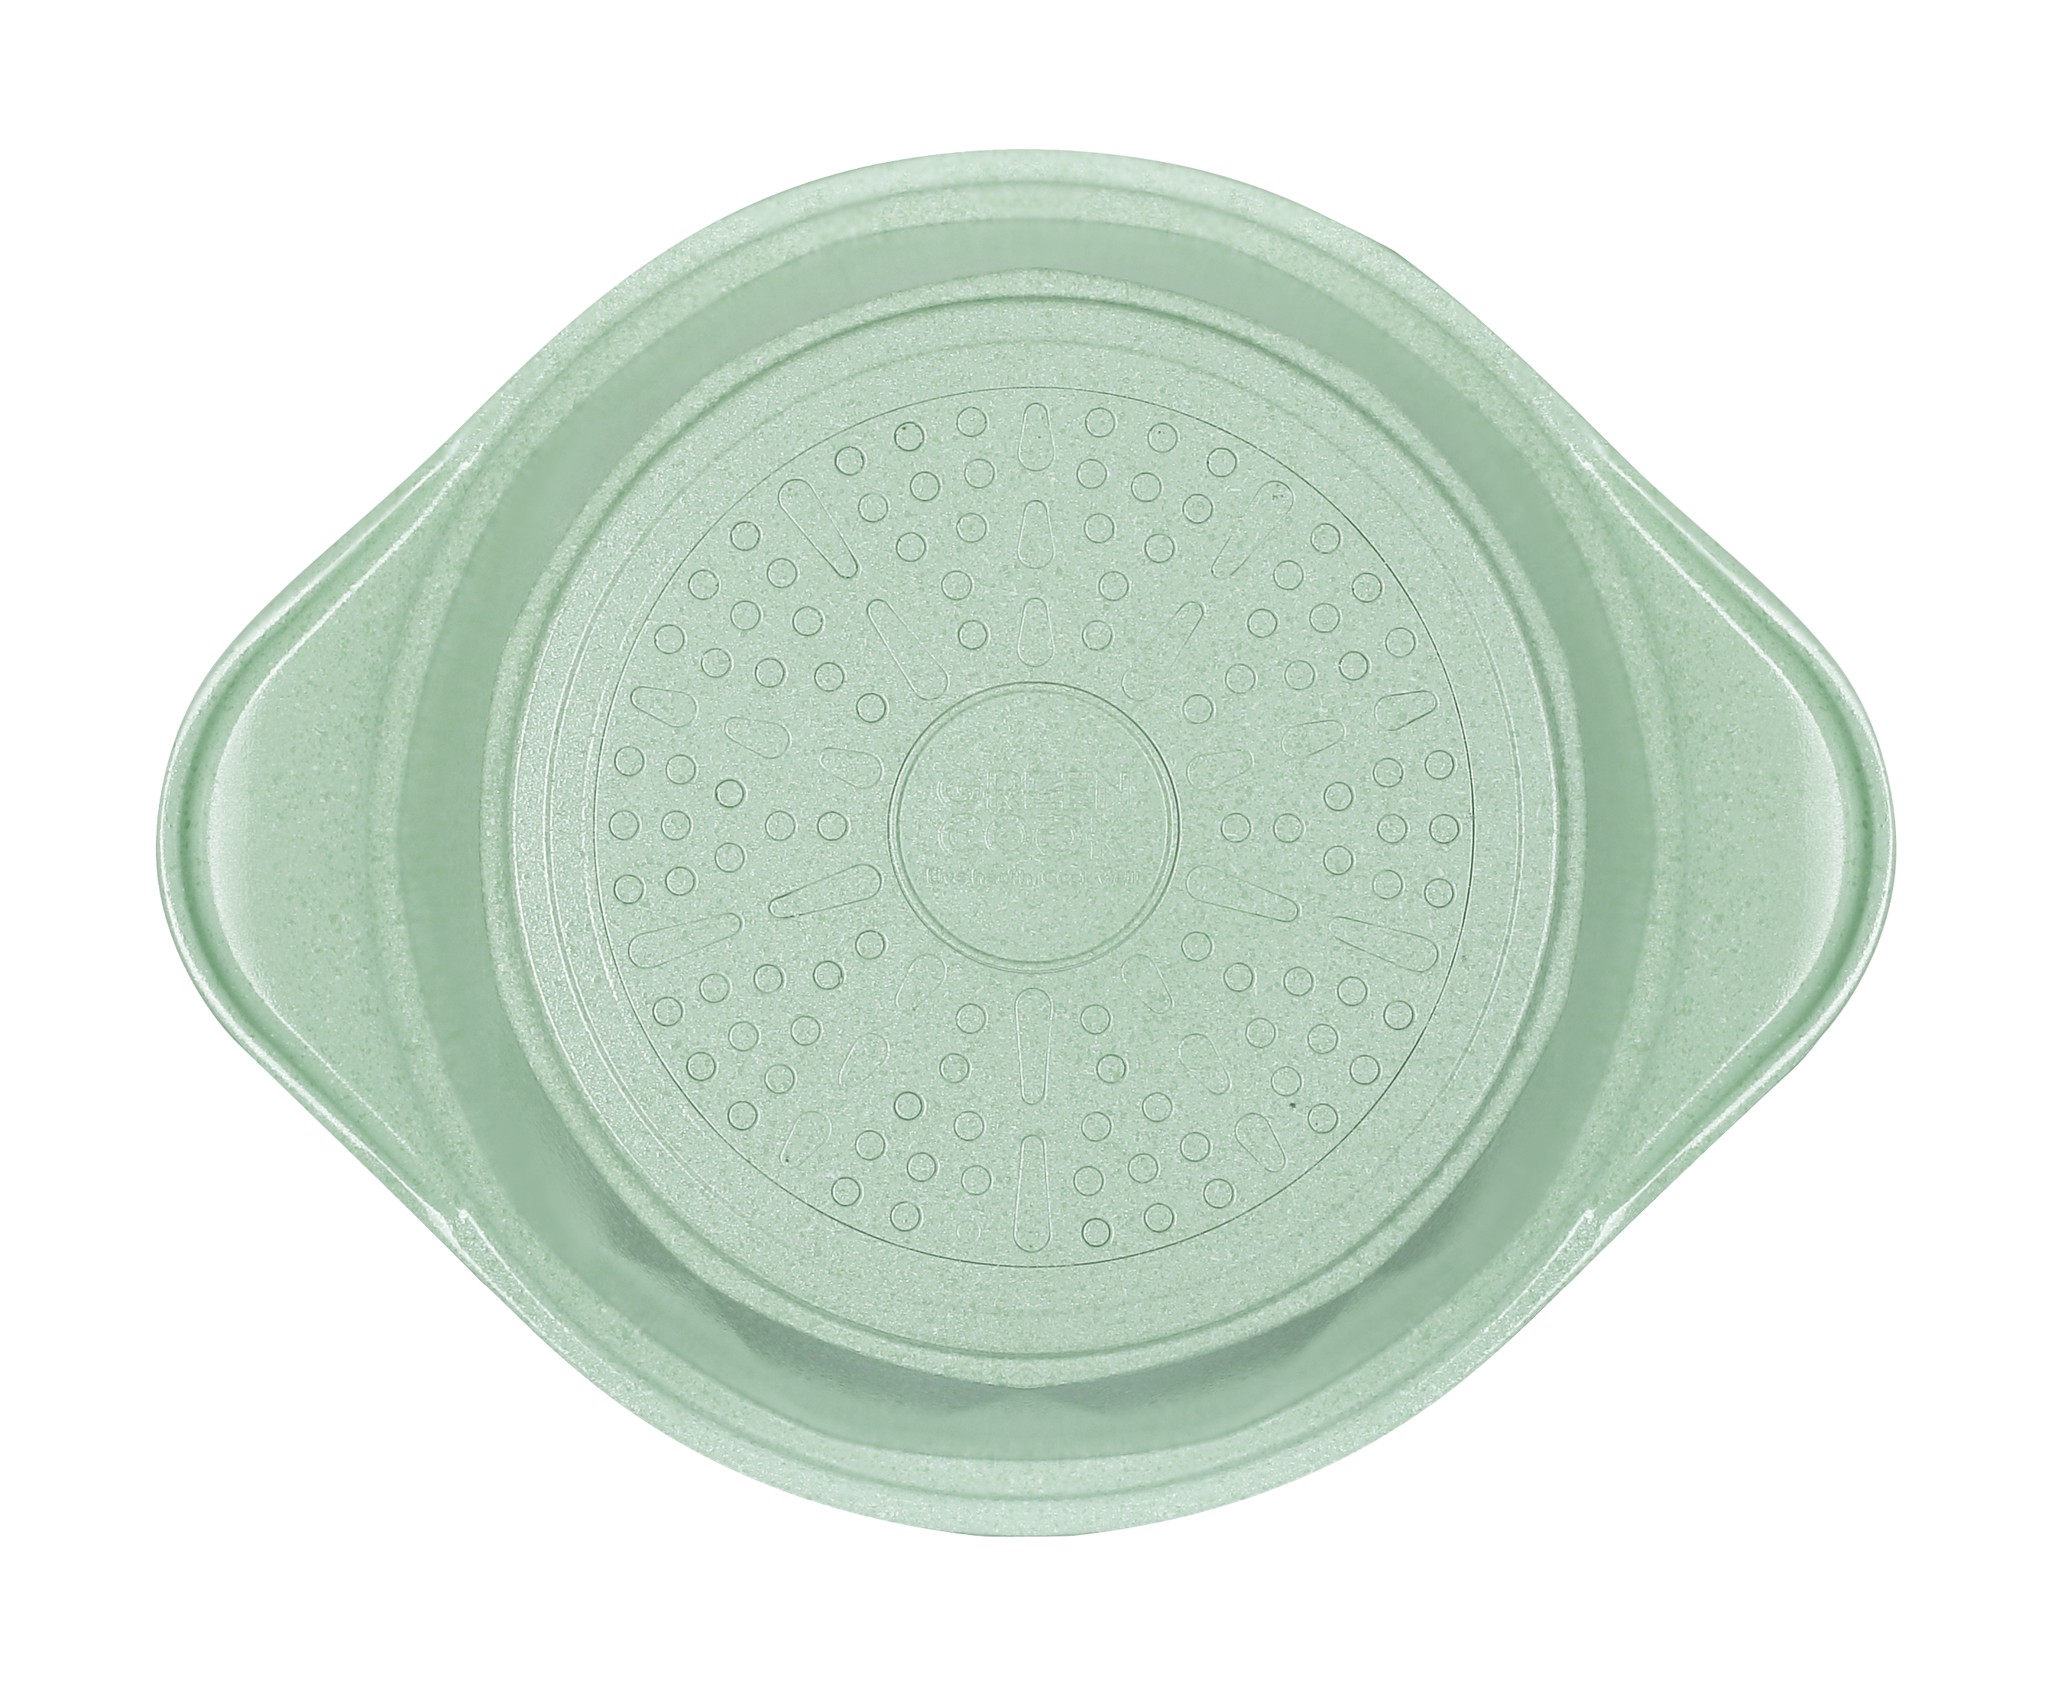 Nồi đúc đáy từ men đá xanh ngọc Green Cook GCS05 size 18-20-24 cm